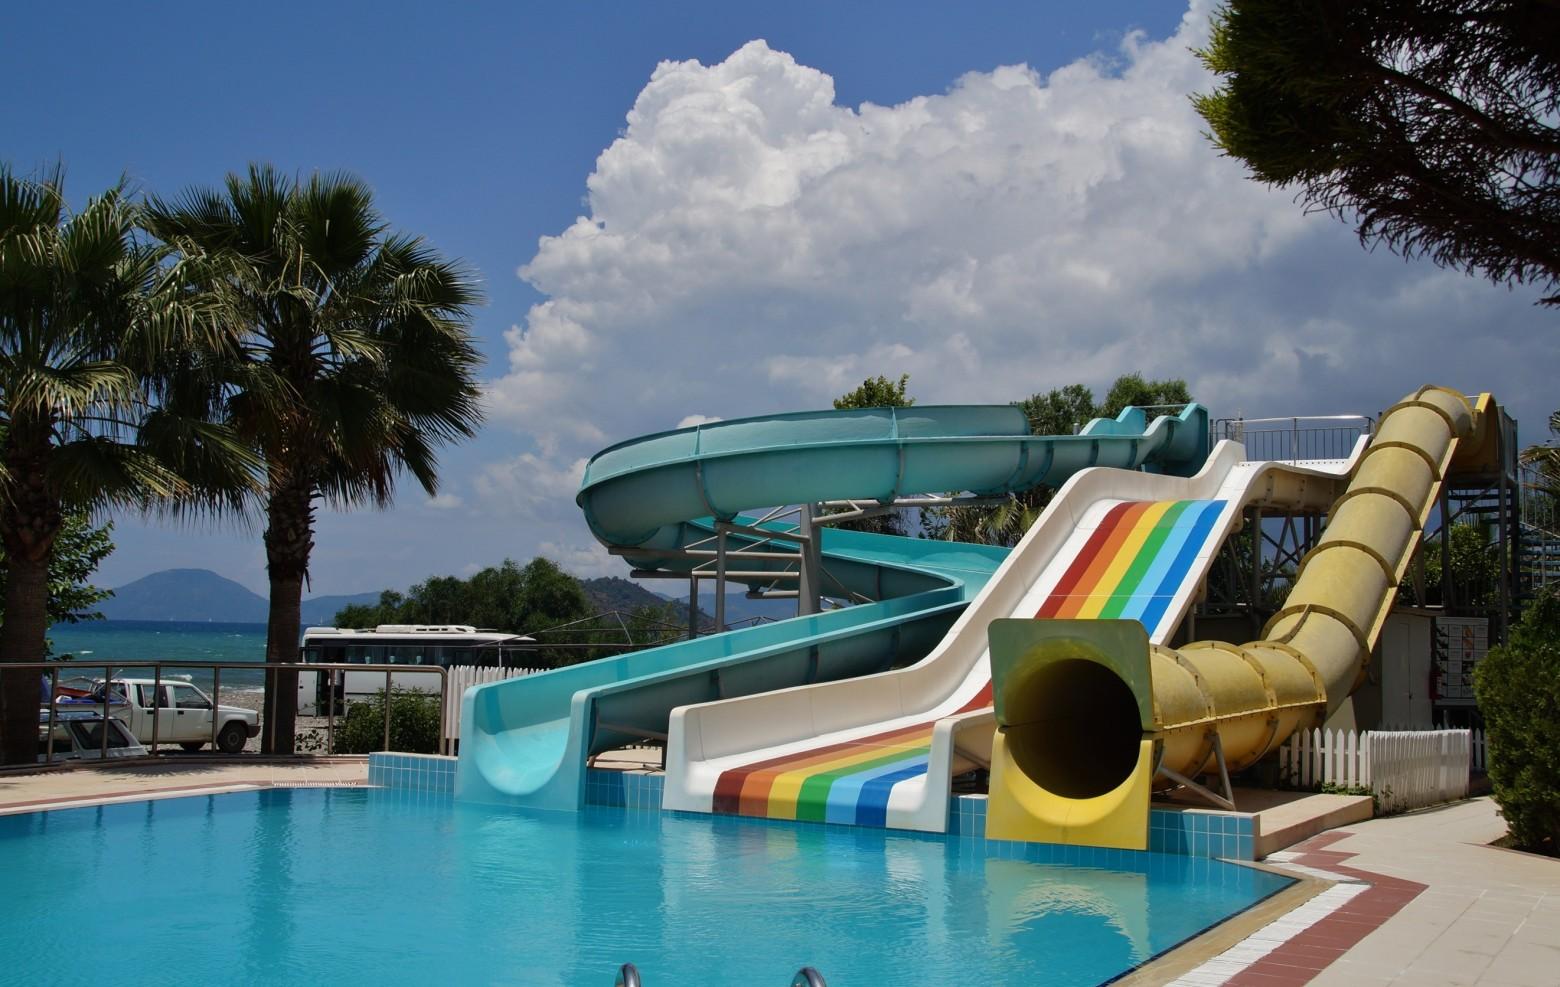 Jeux de plein air piscine toboggan t images photos for Piscine argenteuil